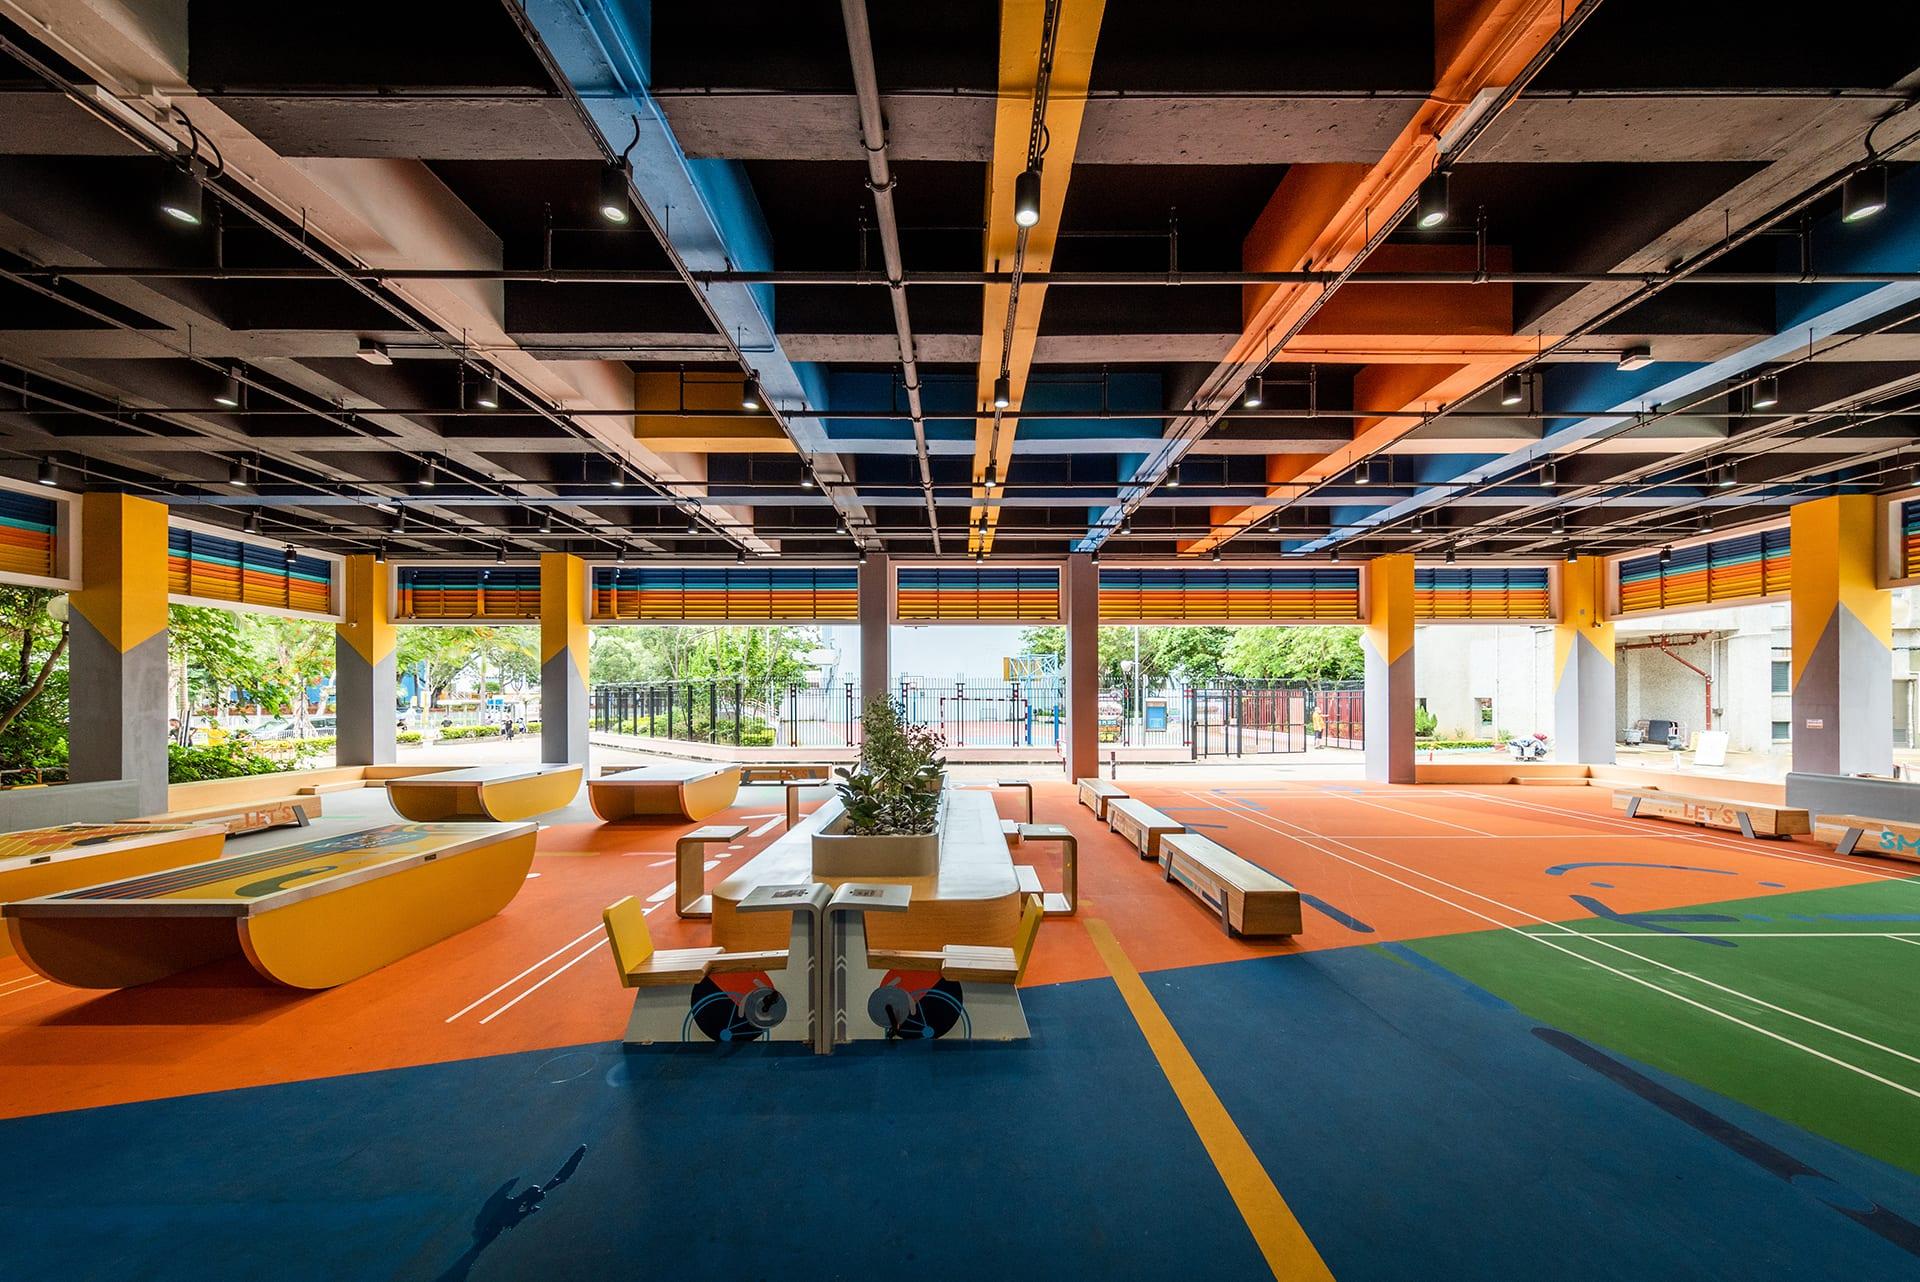 After-Indoor Court 2